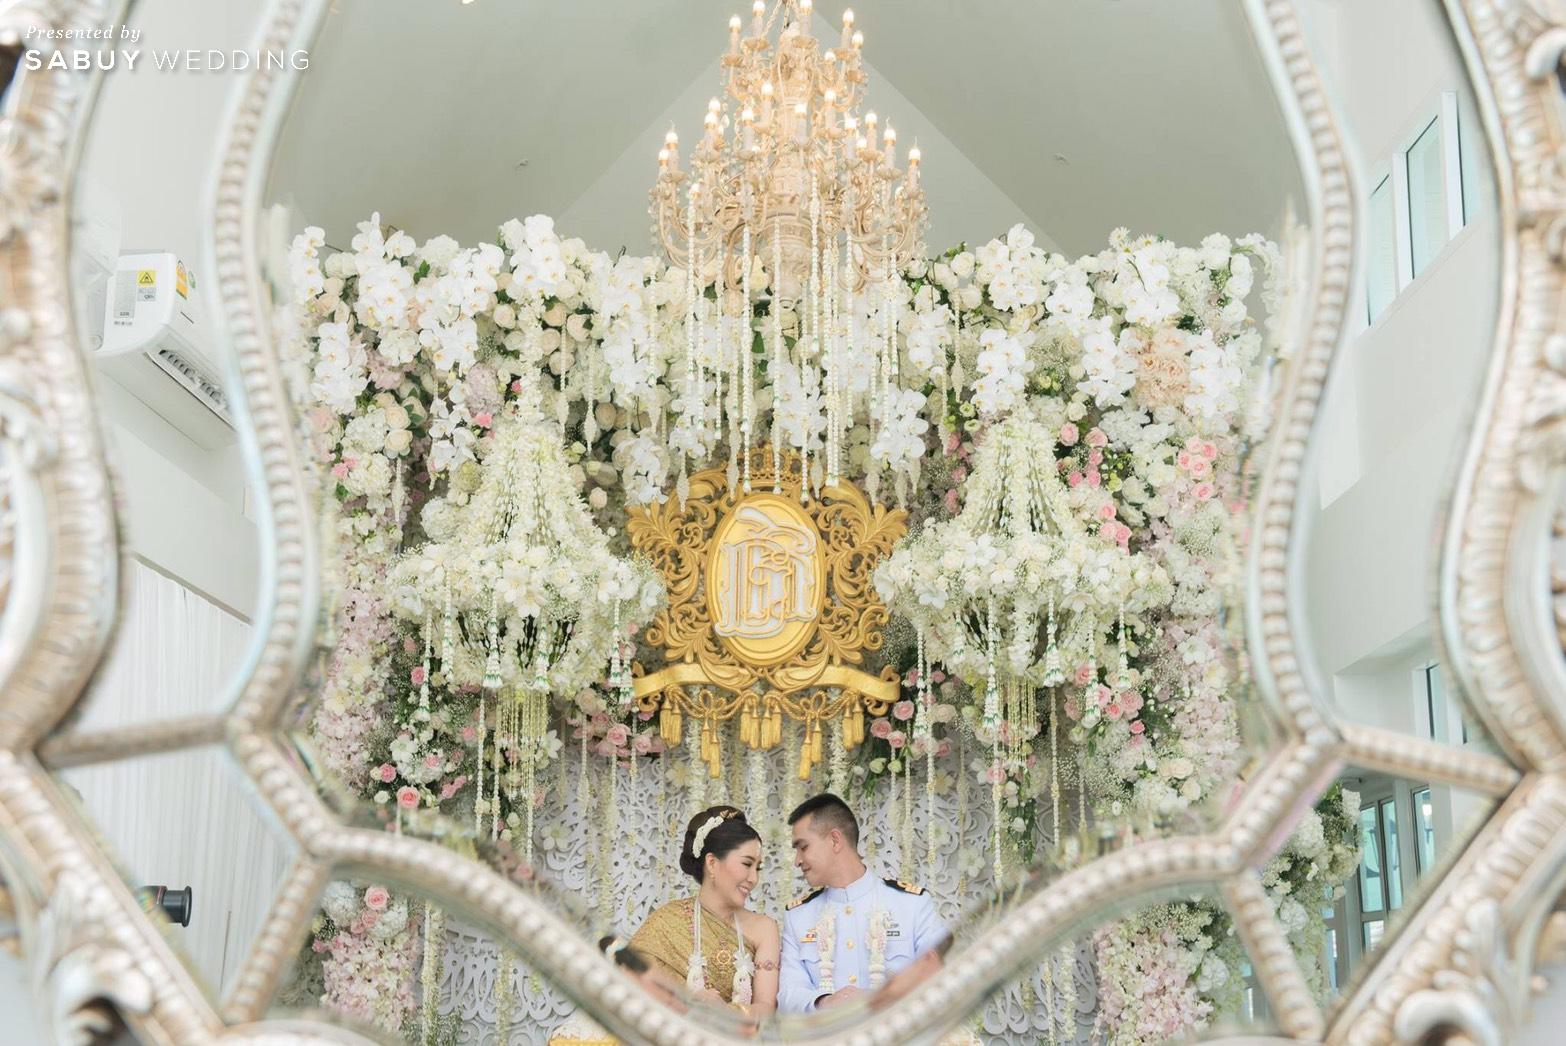 งานแต่งงาน รีวิวงานแต่งเสน่ห์ไทย ในสถานที่สไตล์โคโลเนียล @ House of Chandra